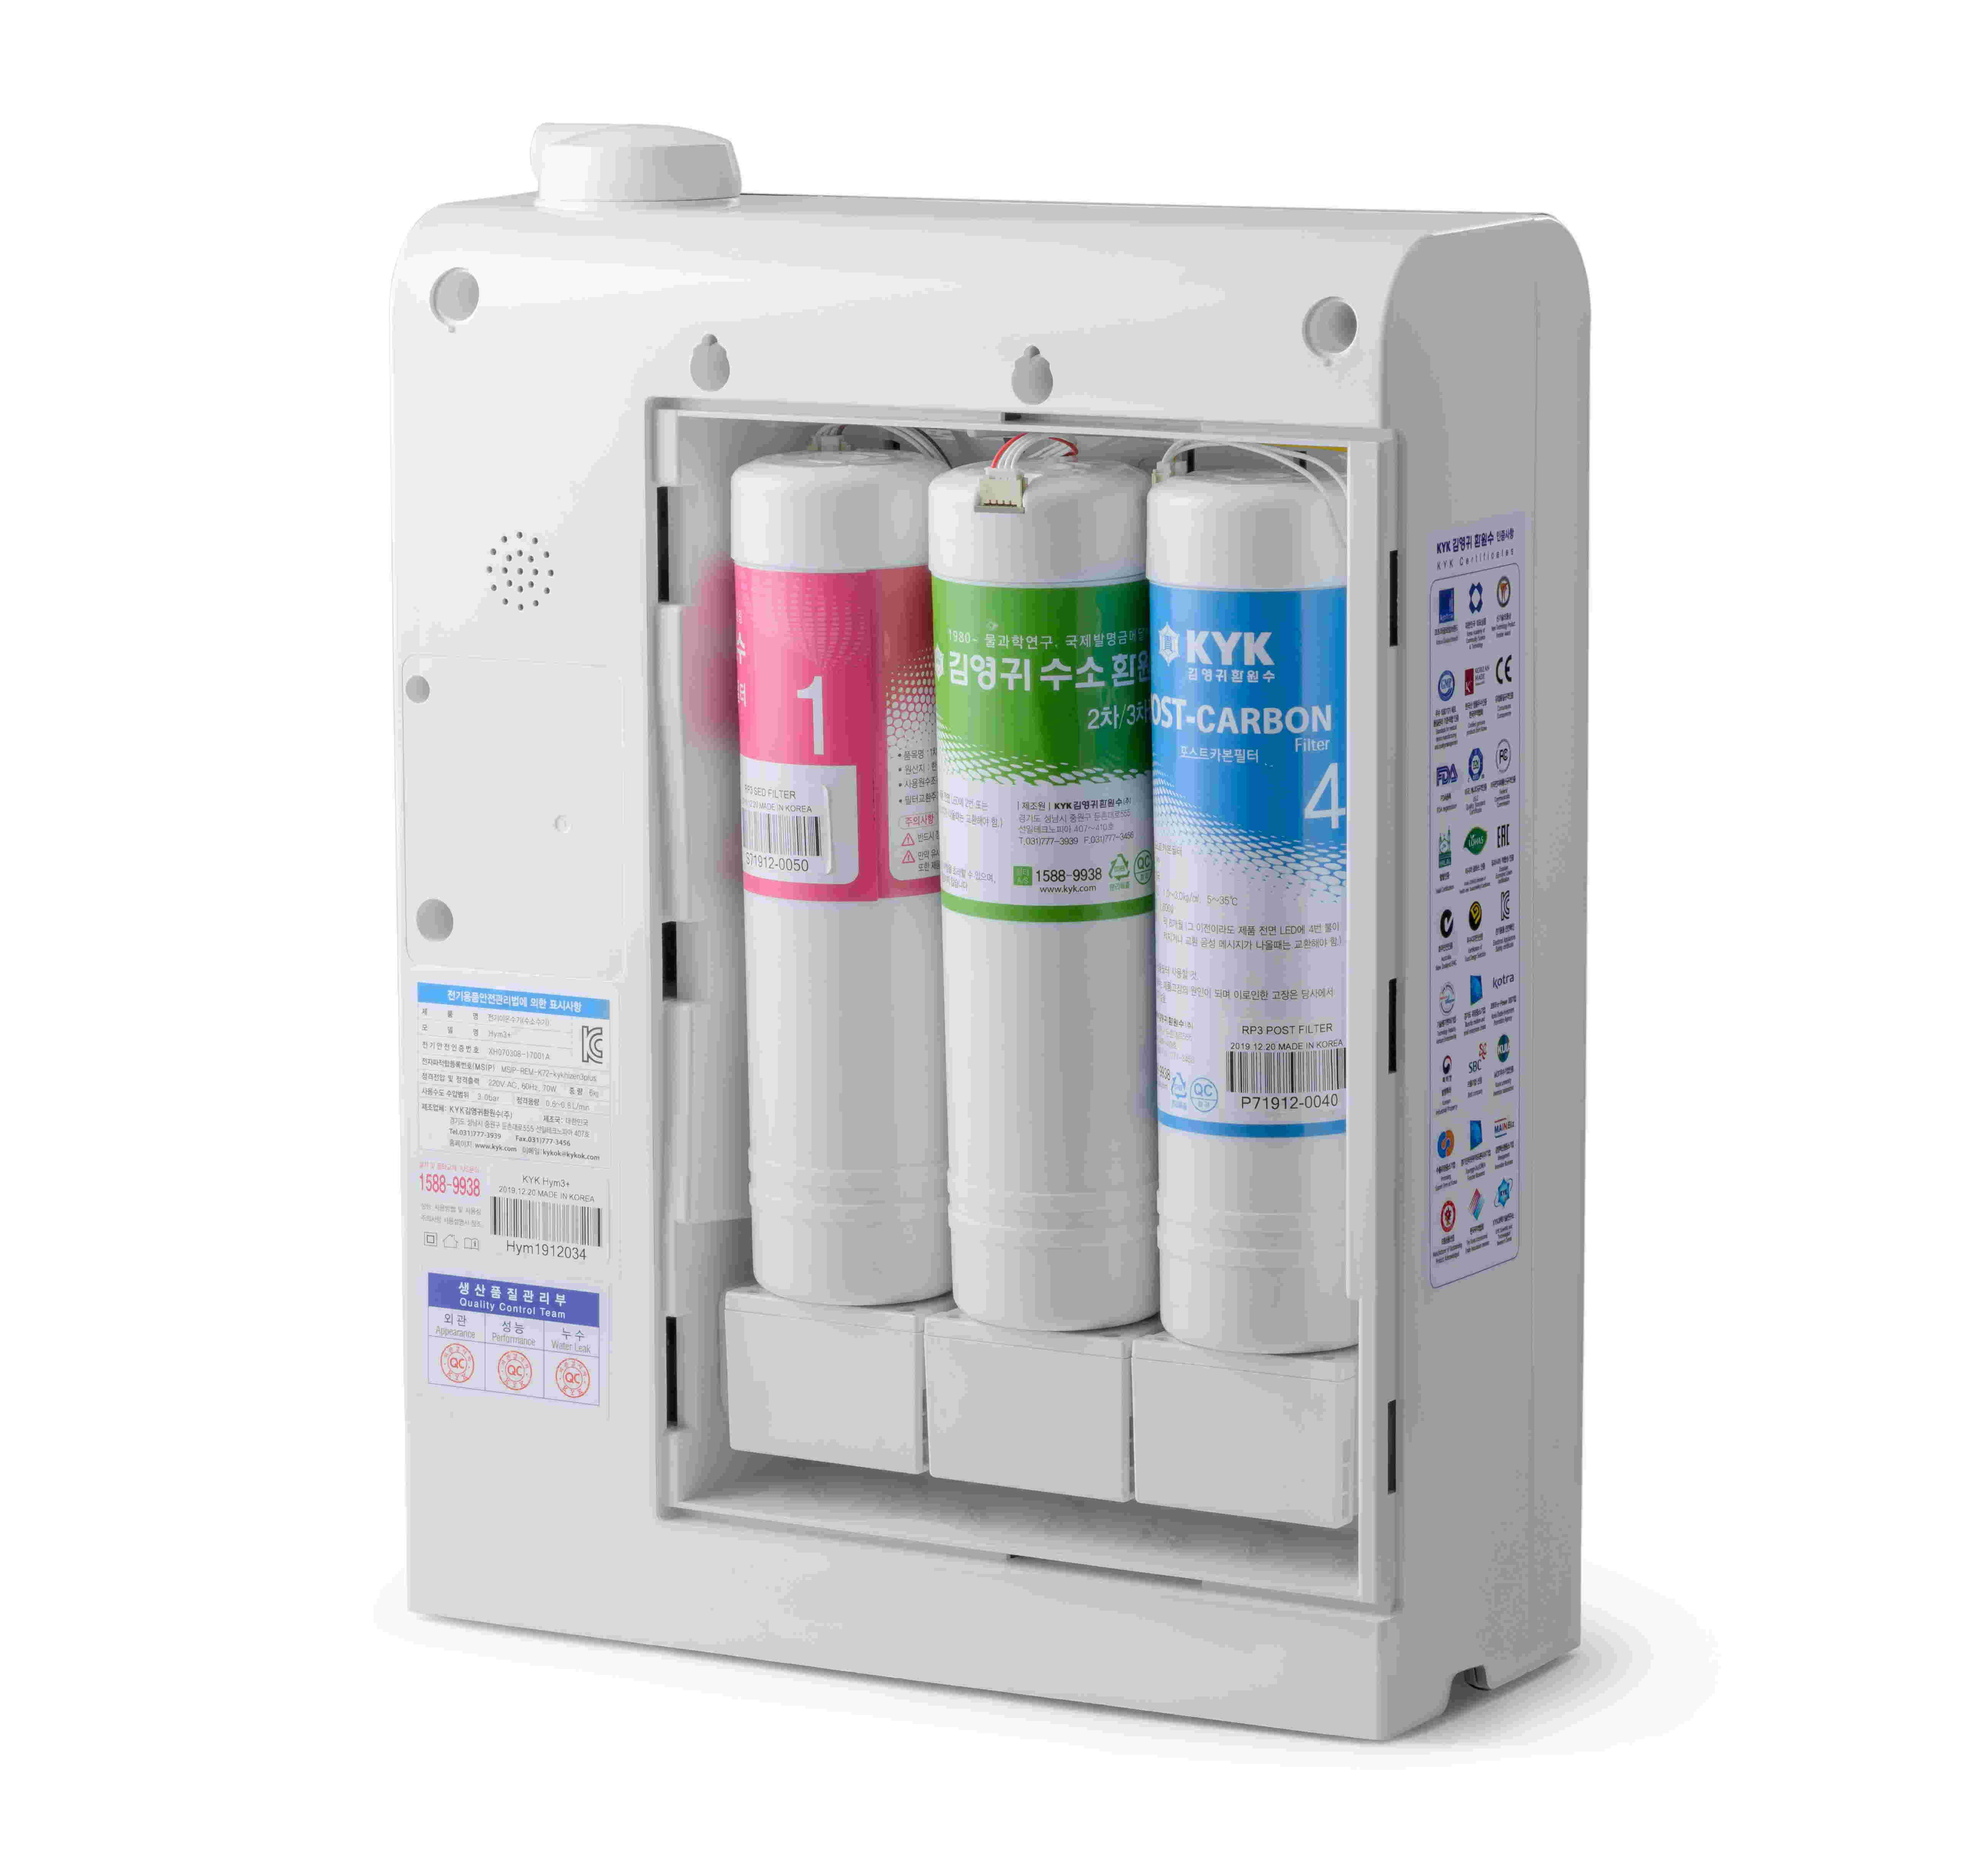 Генератор водородной воды H2U HgD KYK Hygen 3 plus